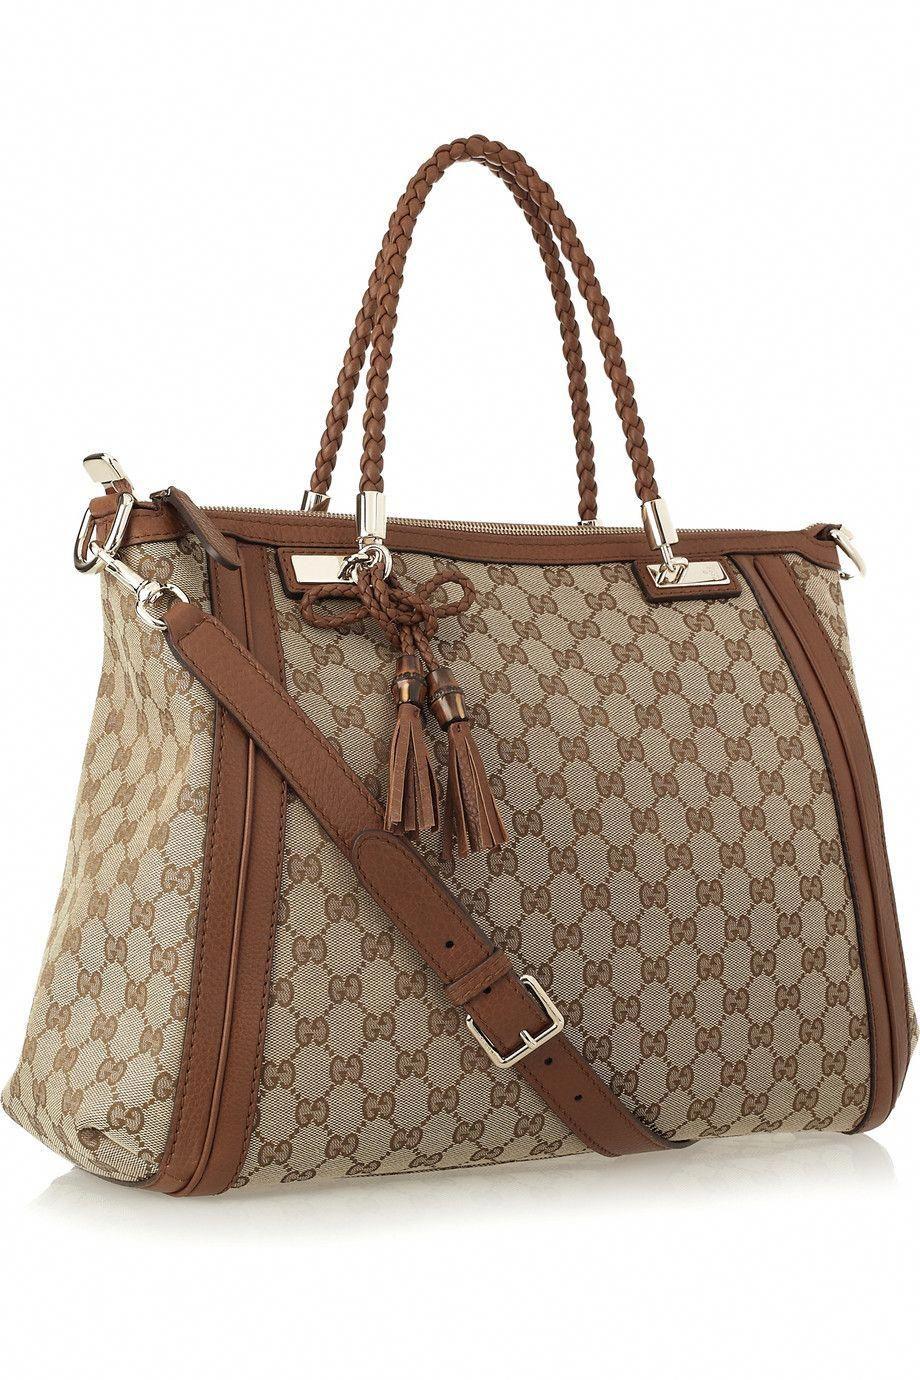 Gucci Bella Monogram Canvas Tote Guccihandbags Gucci Crossbody Bag Monogrammed Canvas Tote Gucci Handbags